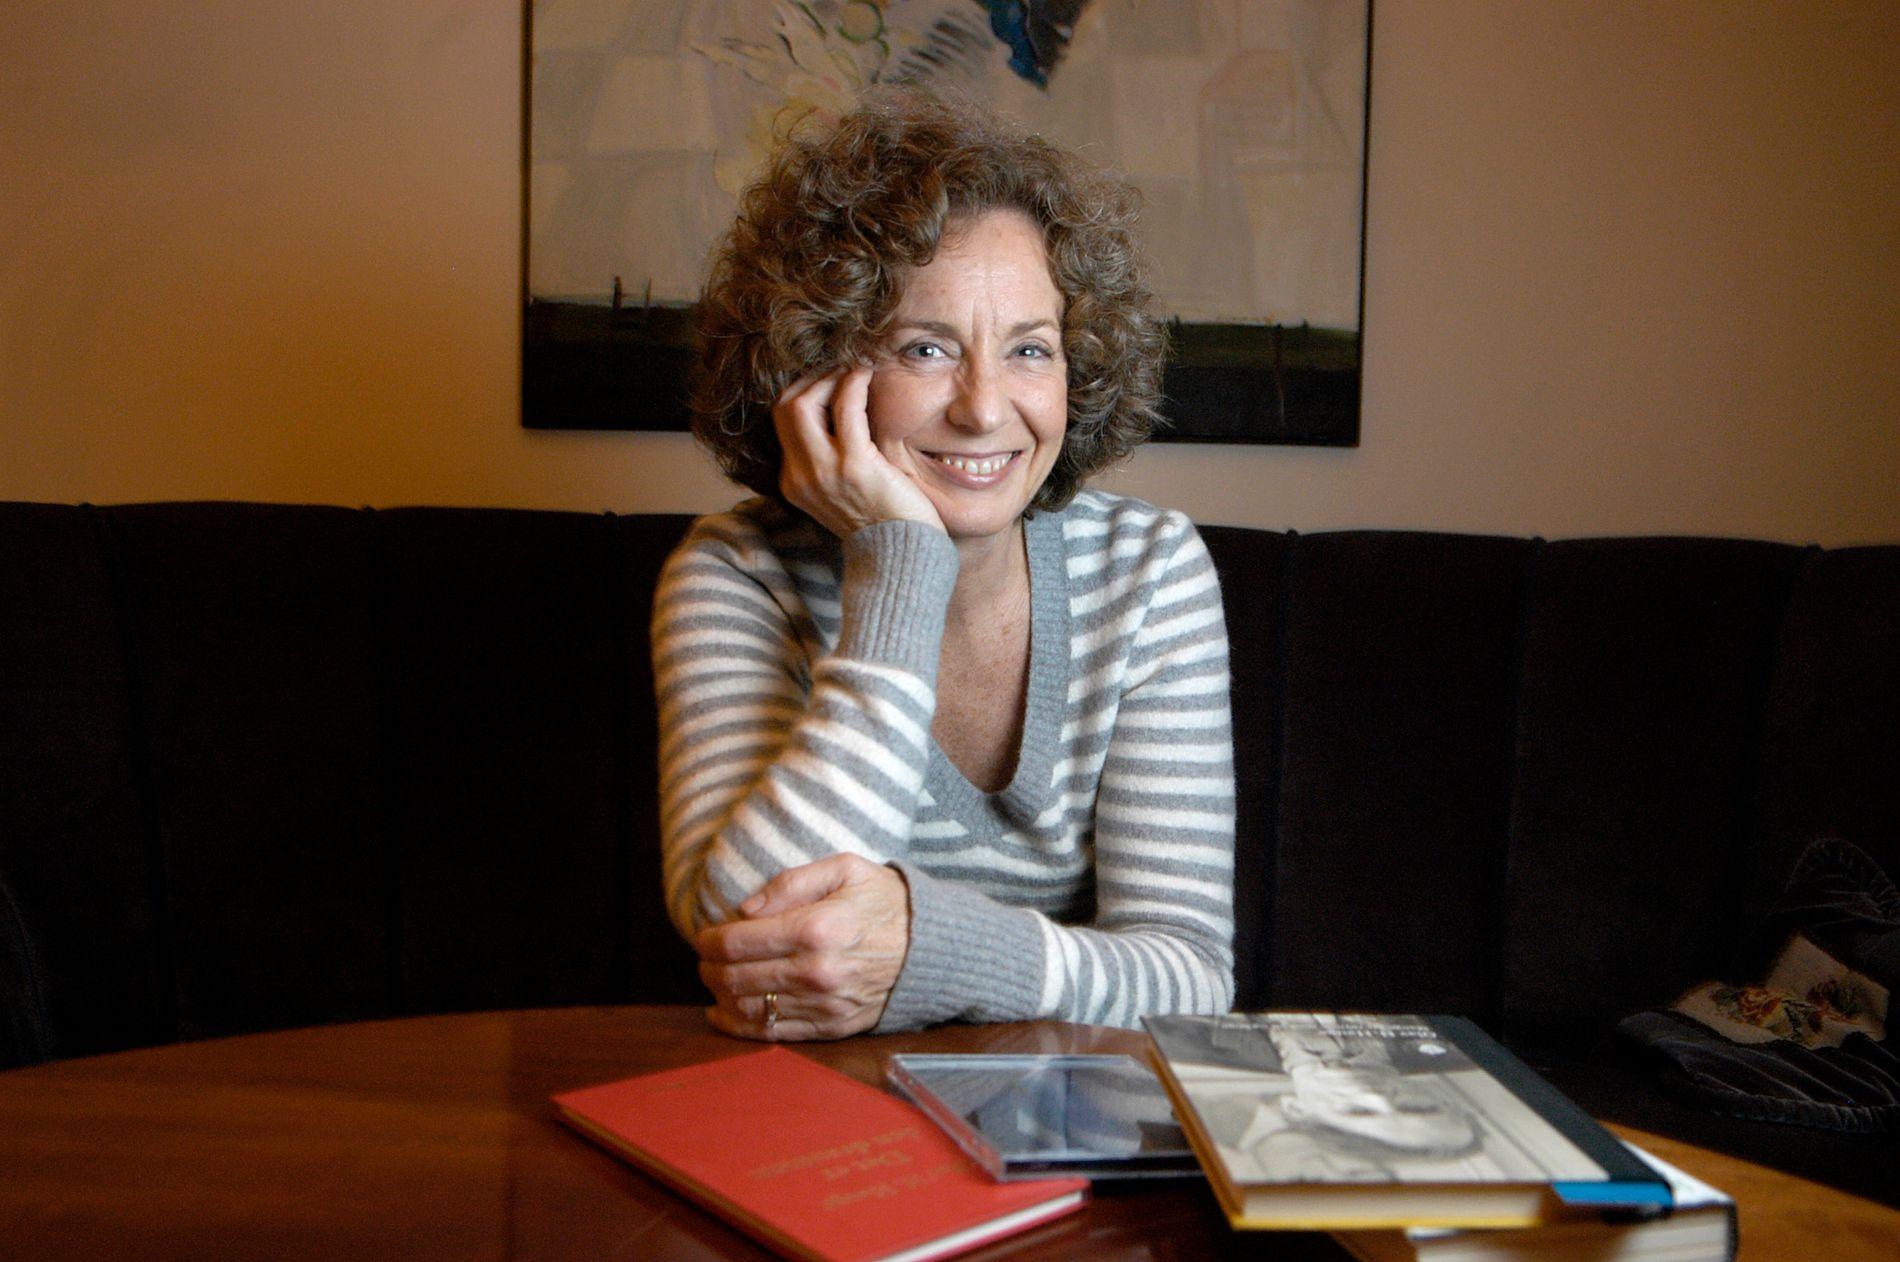 SØKER: Nåværende daglig leder Kristin Helle-Valle er en av søkerne til Litteraturhuset i Bergen. ARKIVFOTO: BT